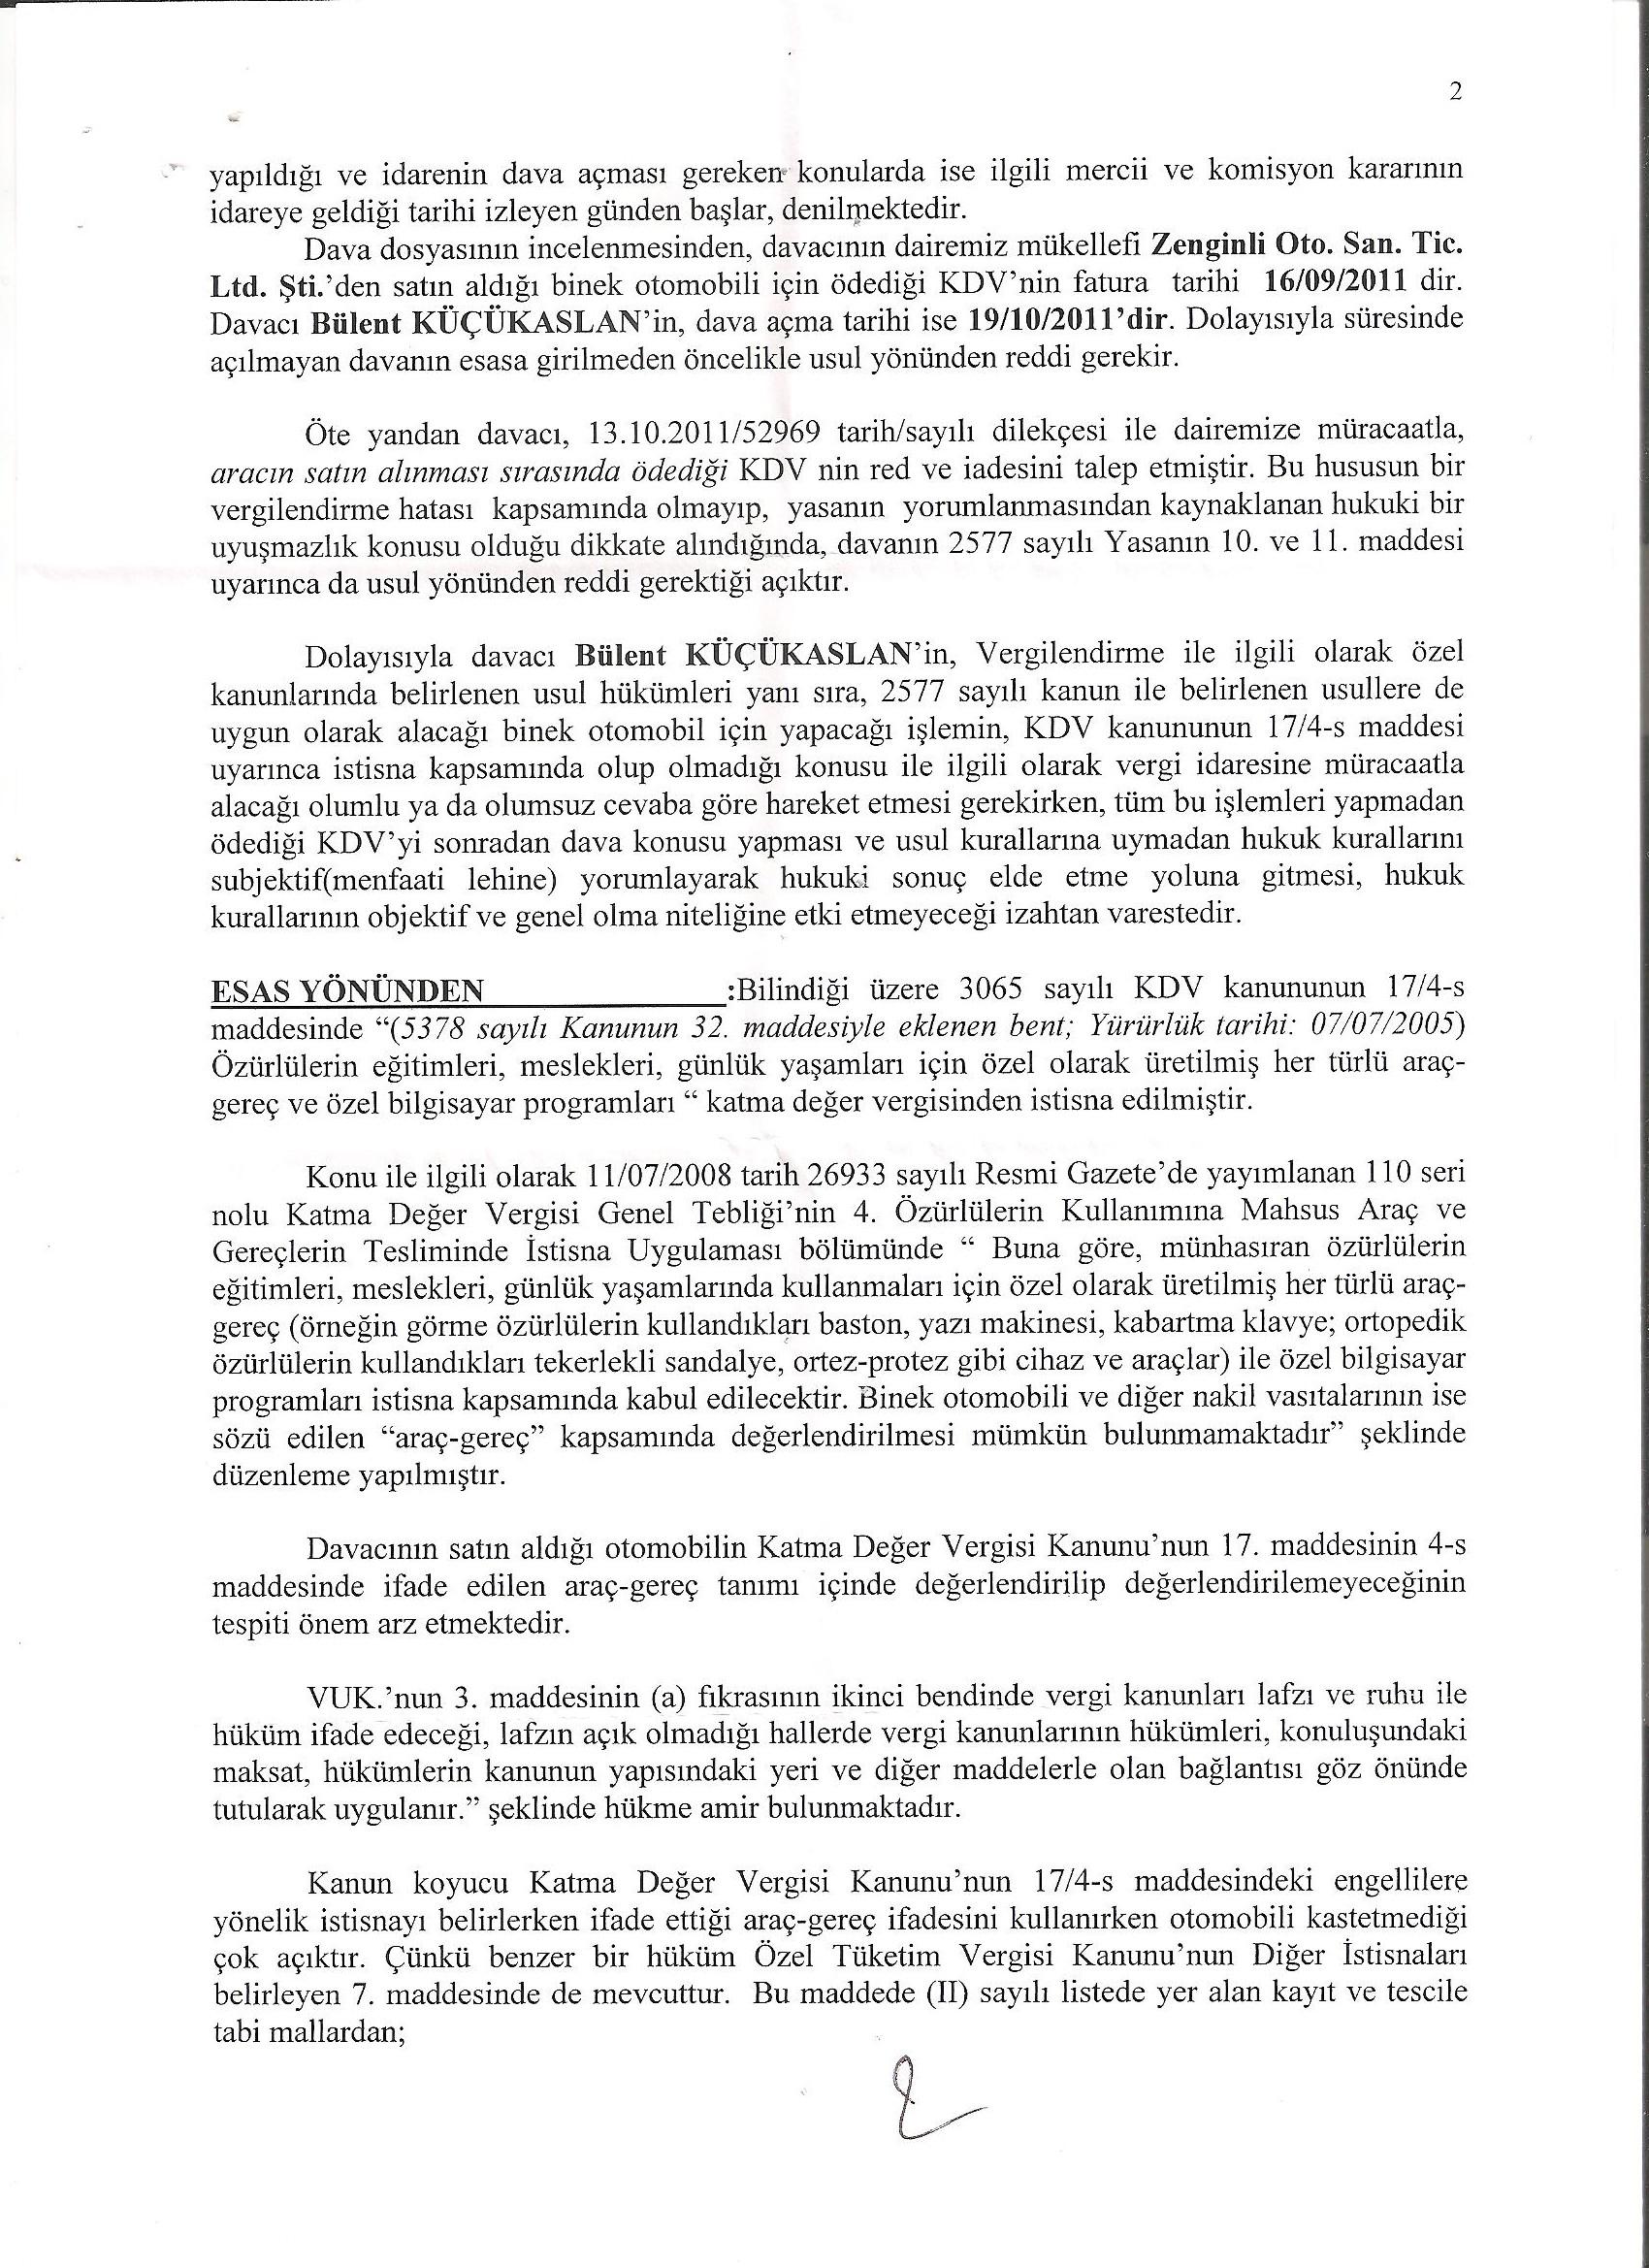 B Marmara Kurumlar Savunma2 - Sakat statüsünde alınan araç için ödenen KDV'nin geri alınması işlemleri ve süreç